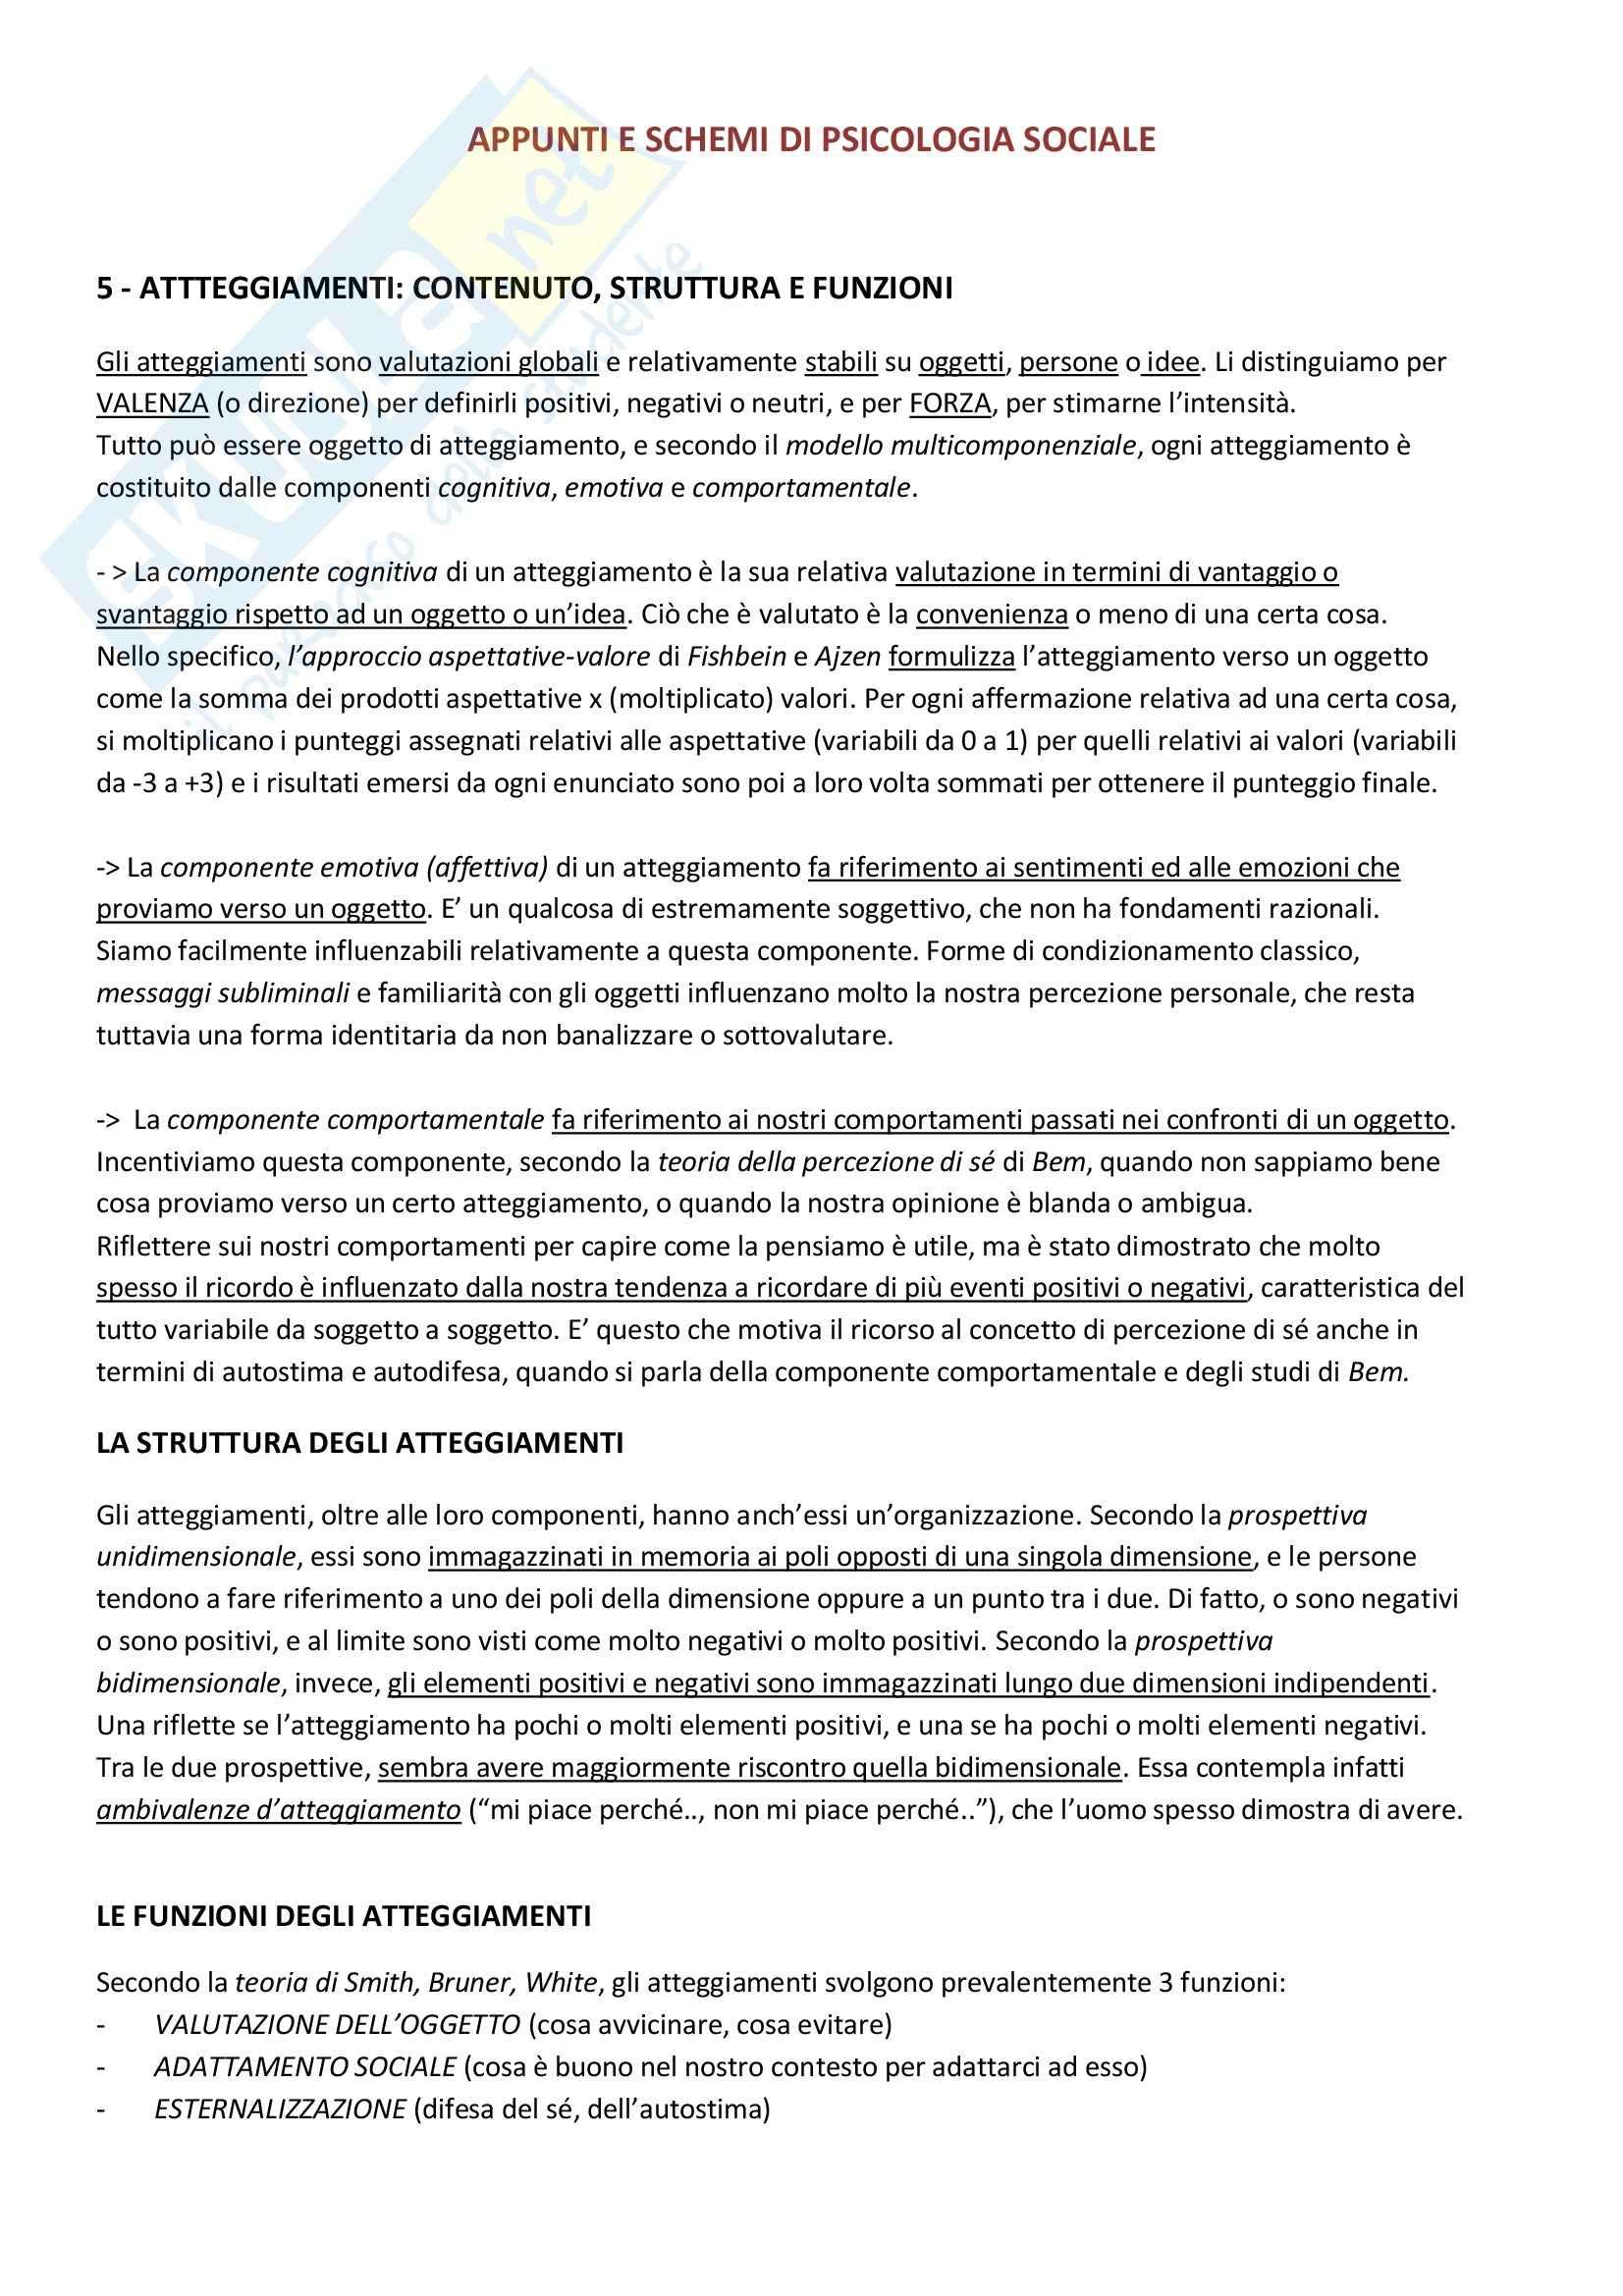 Atteggiamenti: contenuto, struttura e funzioni, Psicologia sociale 1